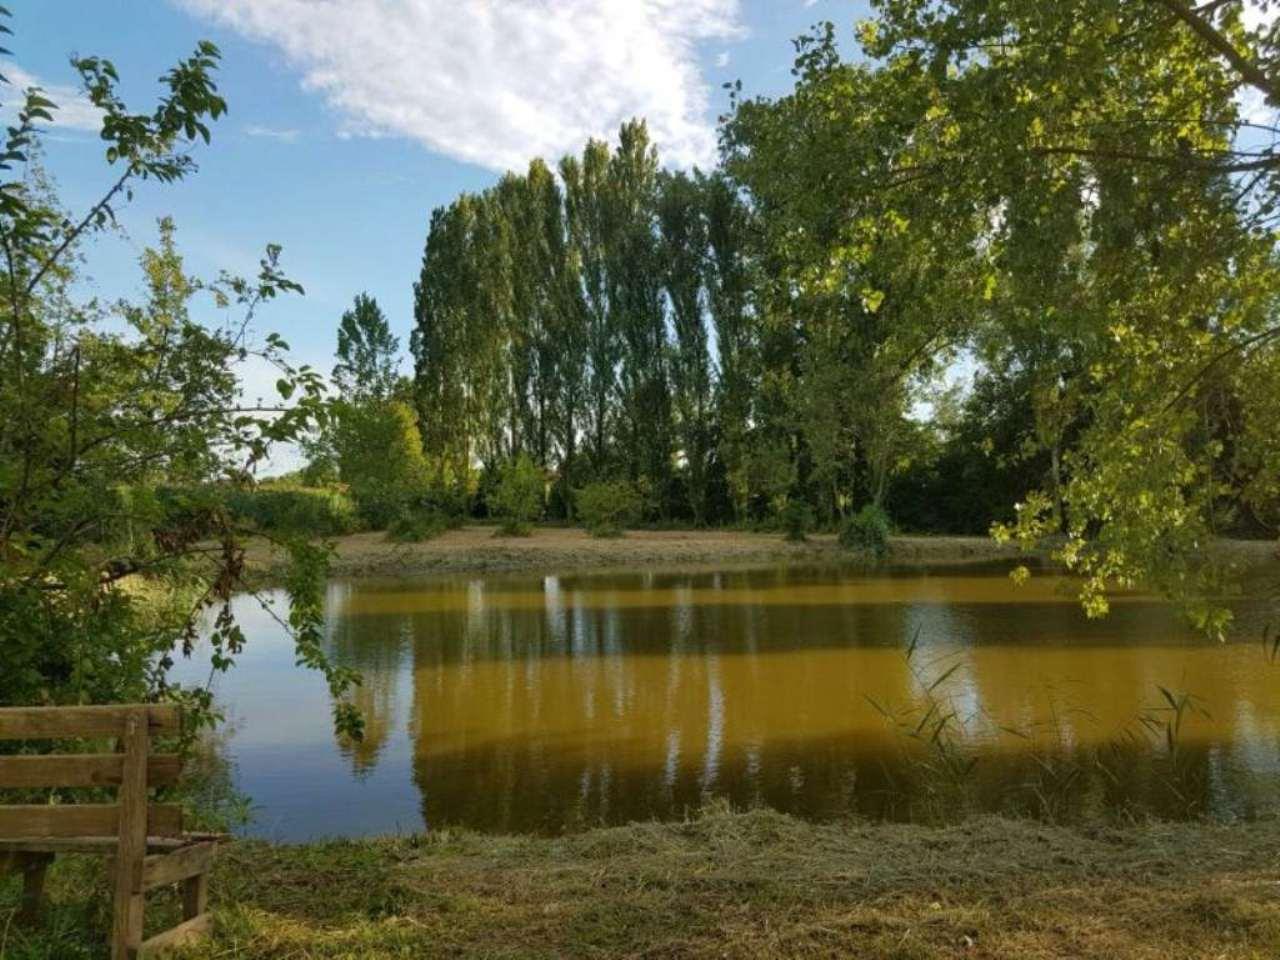 Terreno Agricolo in vendita a Piombino Dese, 9999 locali, Trattative riservate | CambioCasa.it